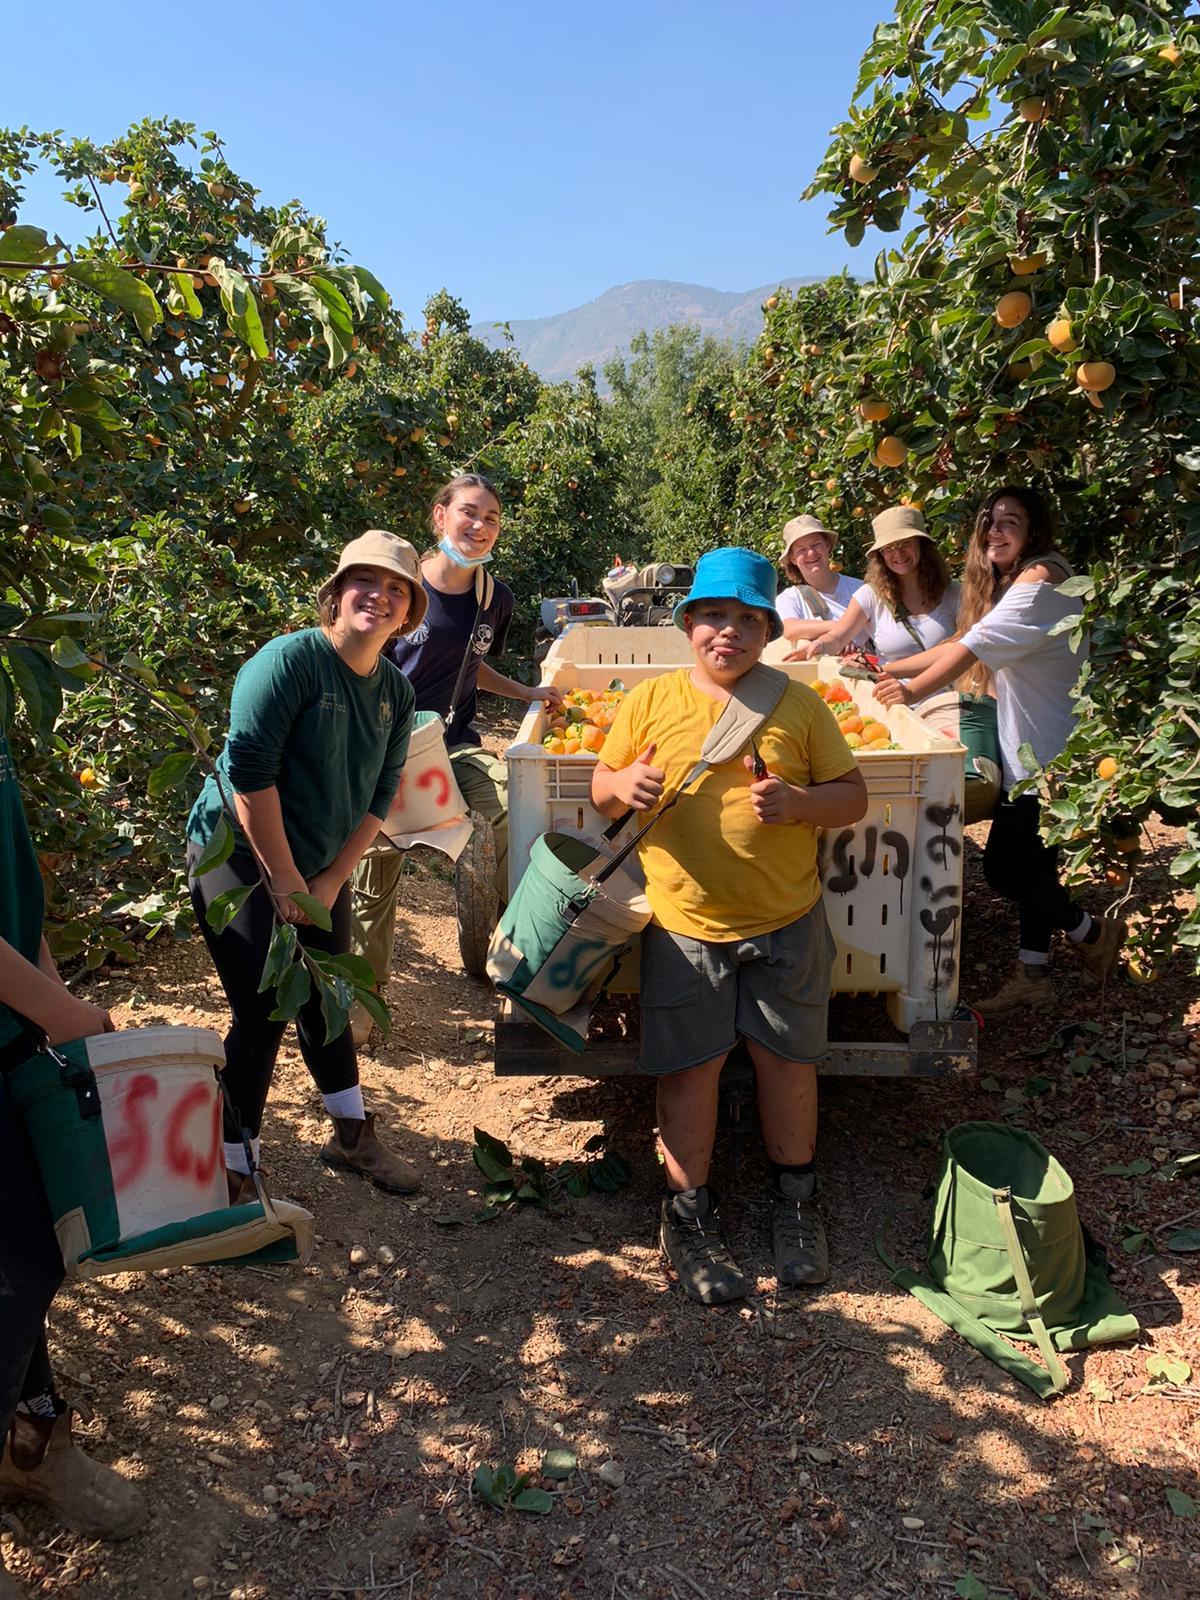 חברי מועצת הנוער במועצה אזורית הגליל העליון מתנדבים למען החקלאים